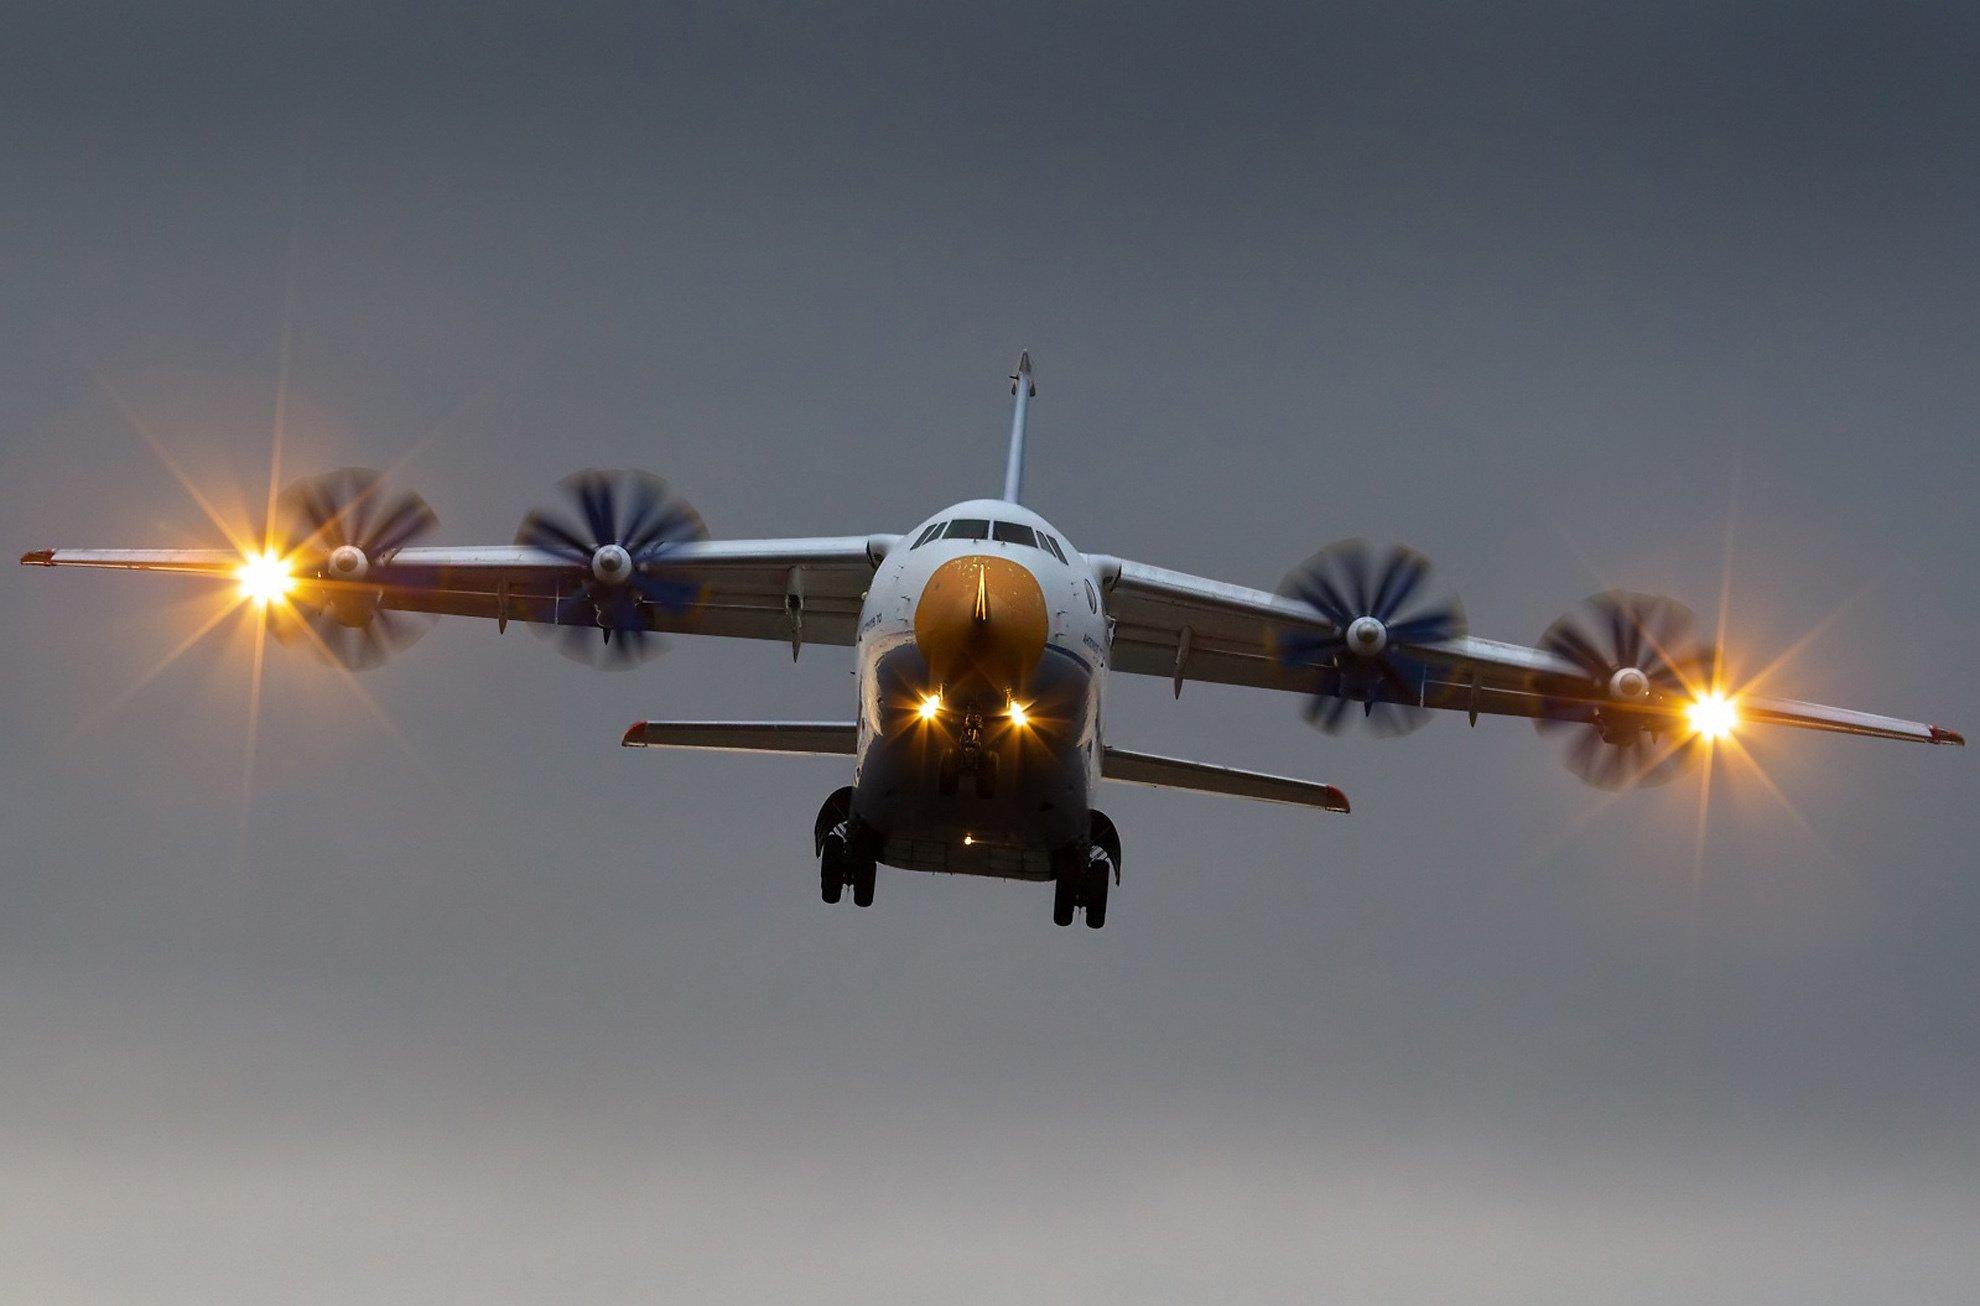 Пивоварский сообщил дату прекращения авиасообщения между Украиной и РФ